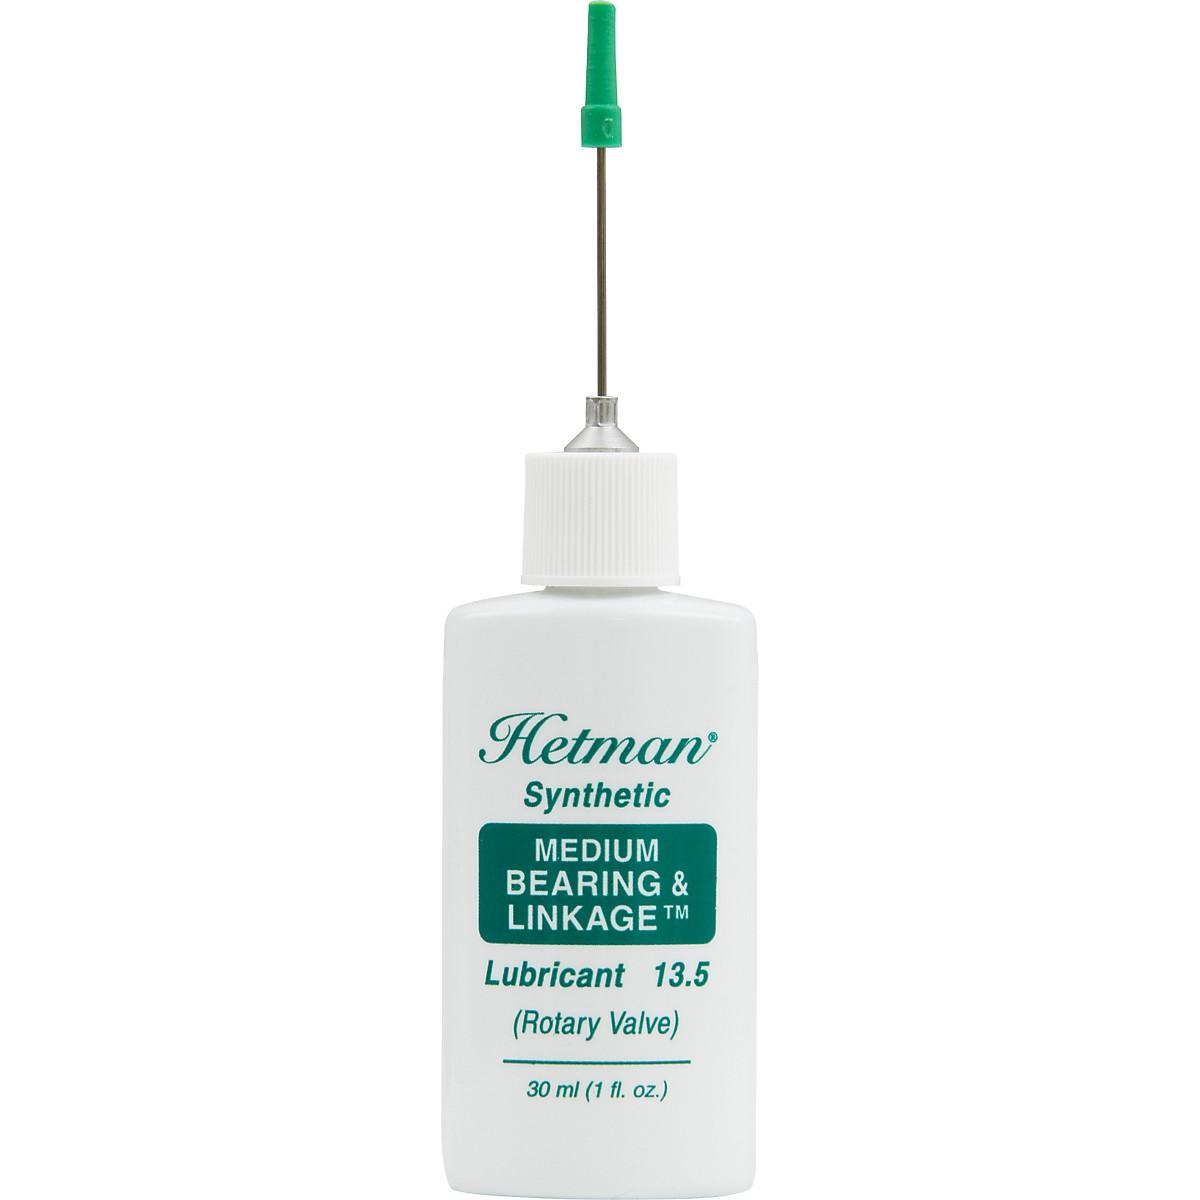 Hetman 13.5 Medium Bearing & Linkage Synthetic Lubricant